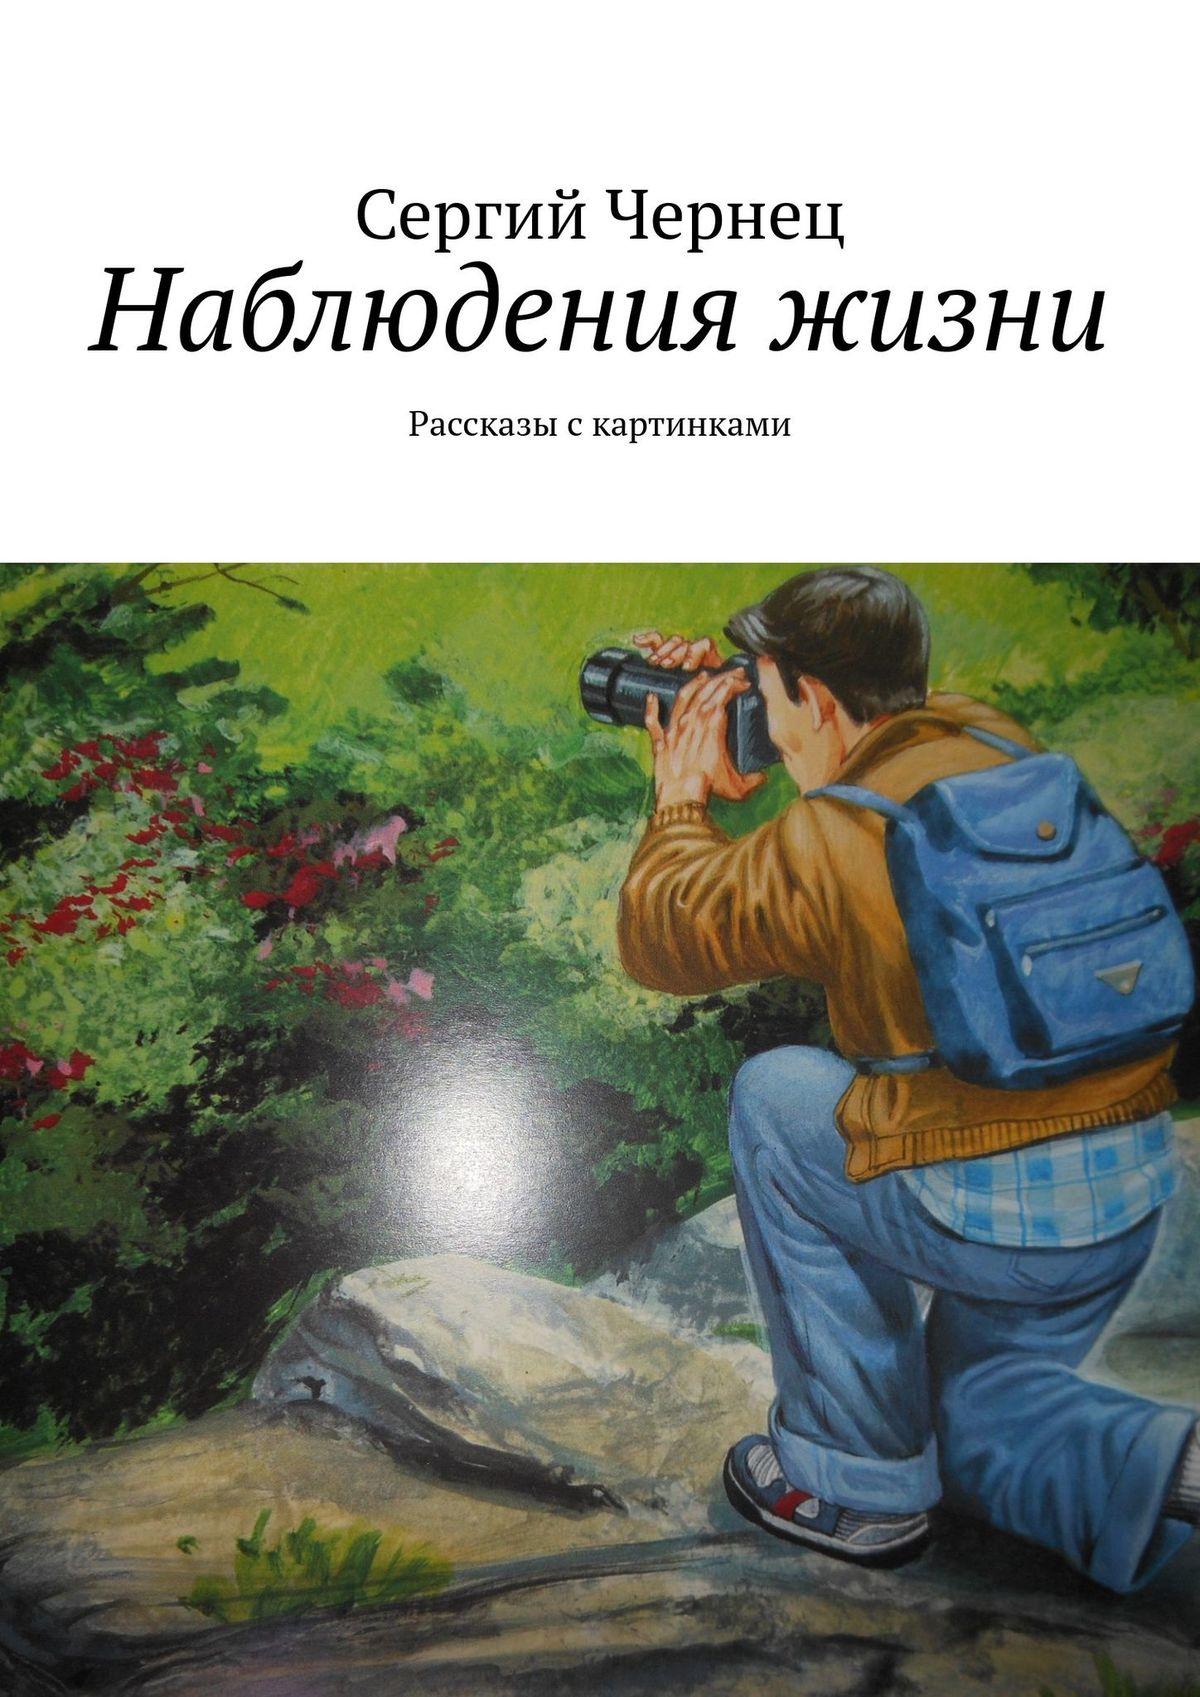 Сергий Чернец Рассказы скартинками арбитман роман эмильевич поединок крысы с мечтой о книгах людях и около того